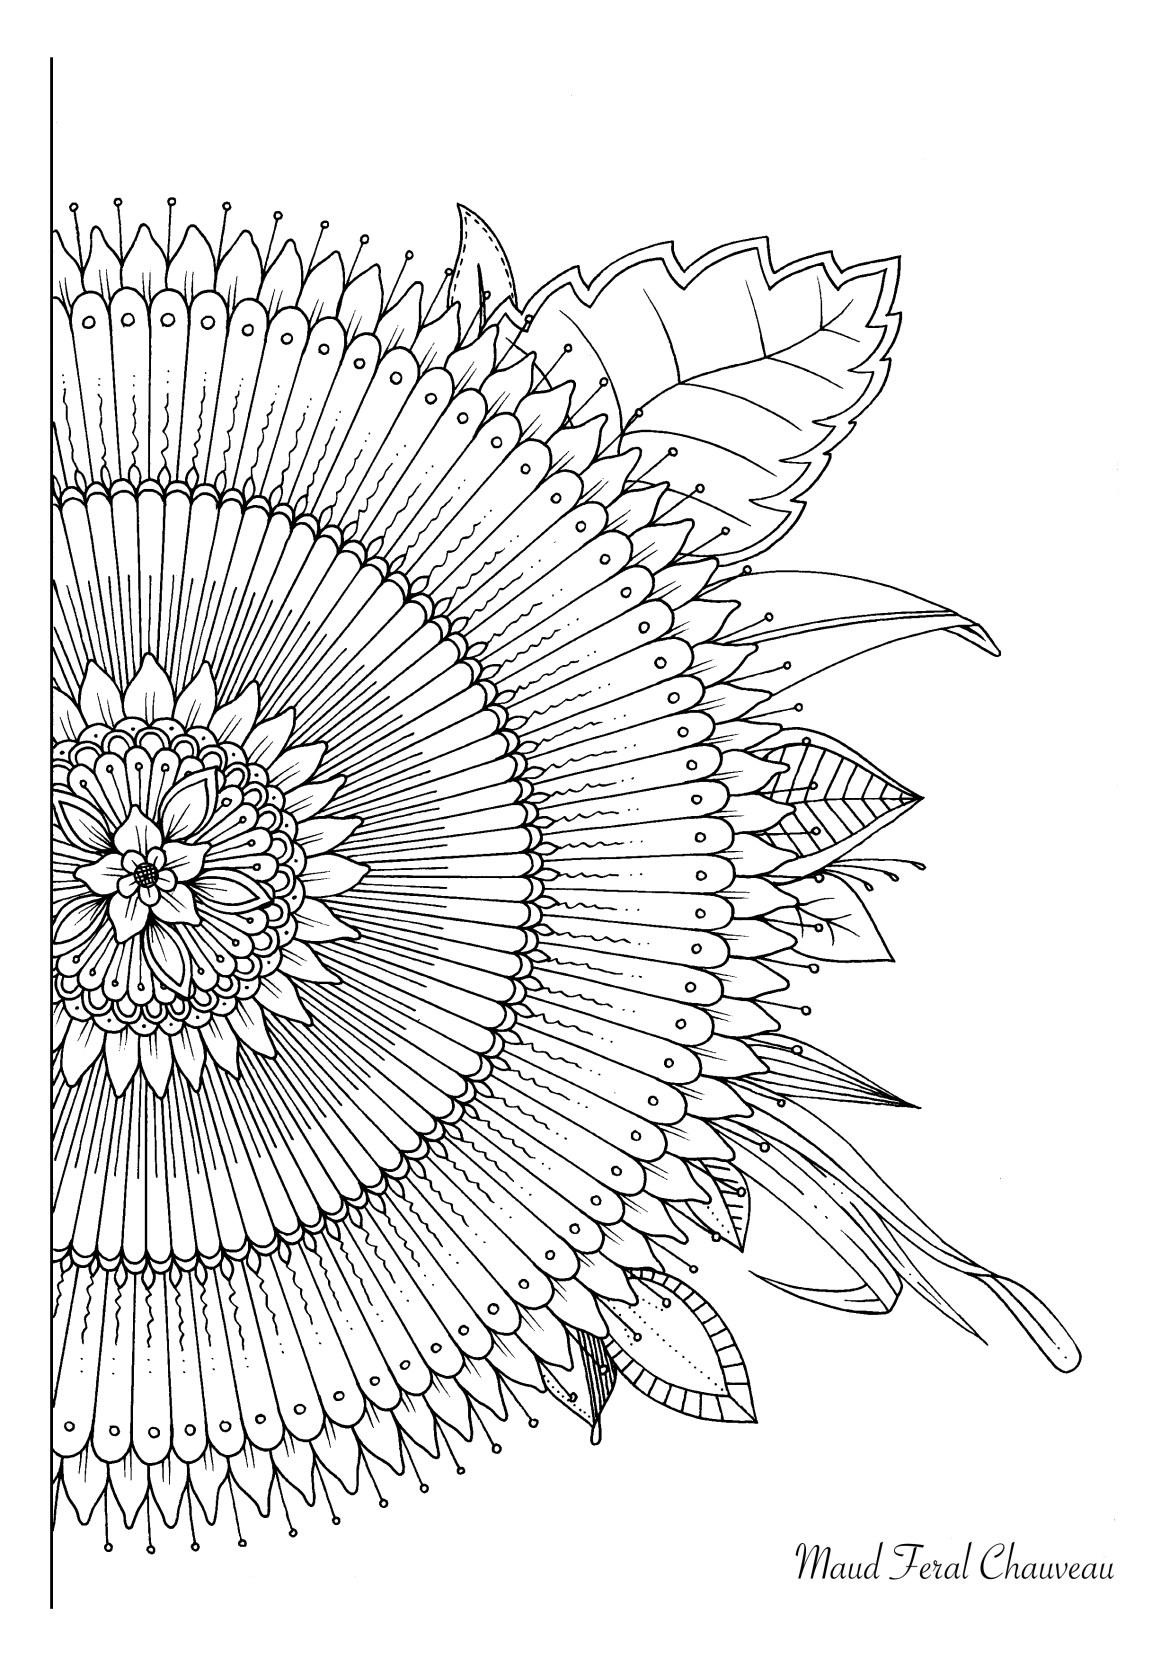 Magnifique mandala fleuri de Maud Feral